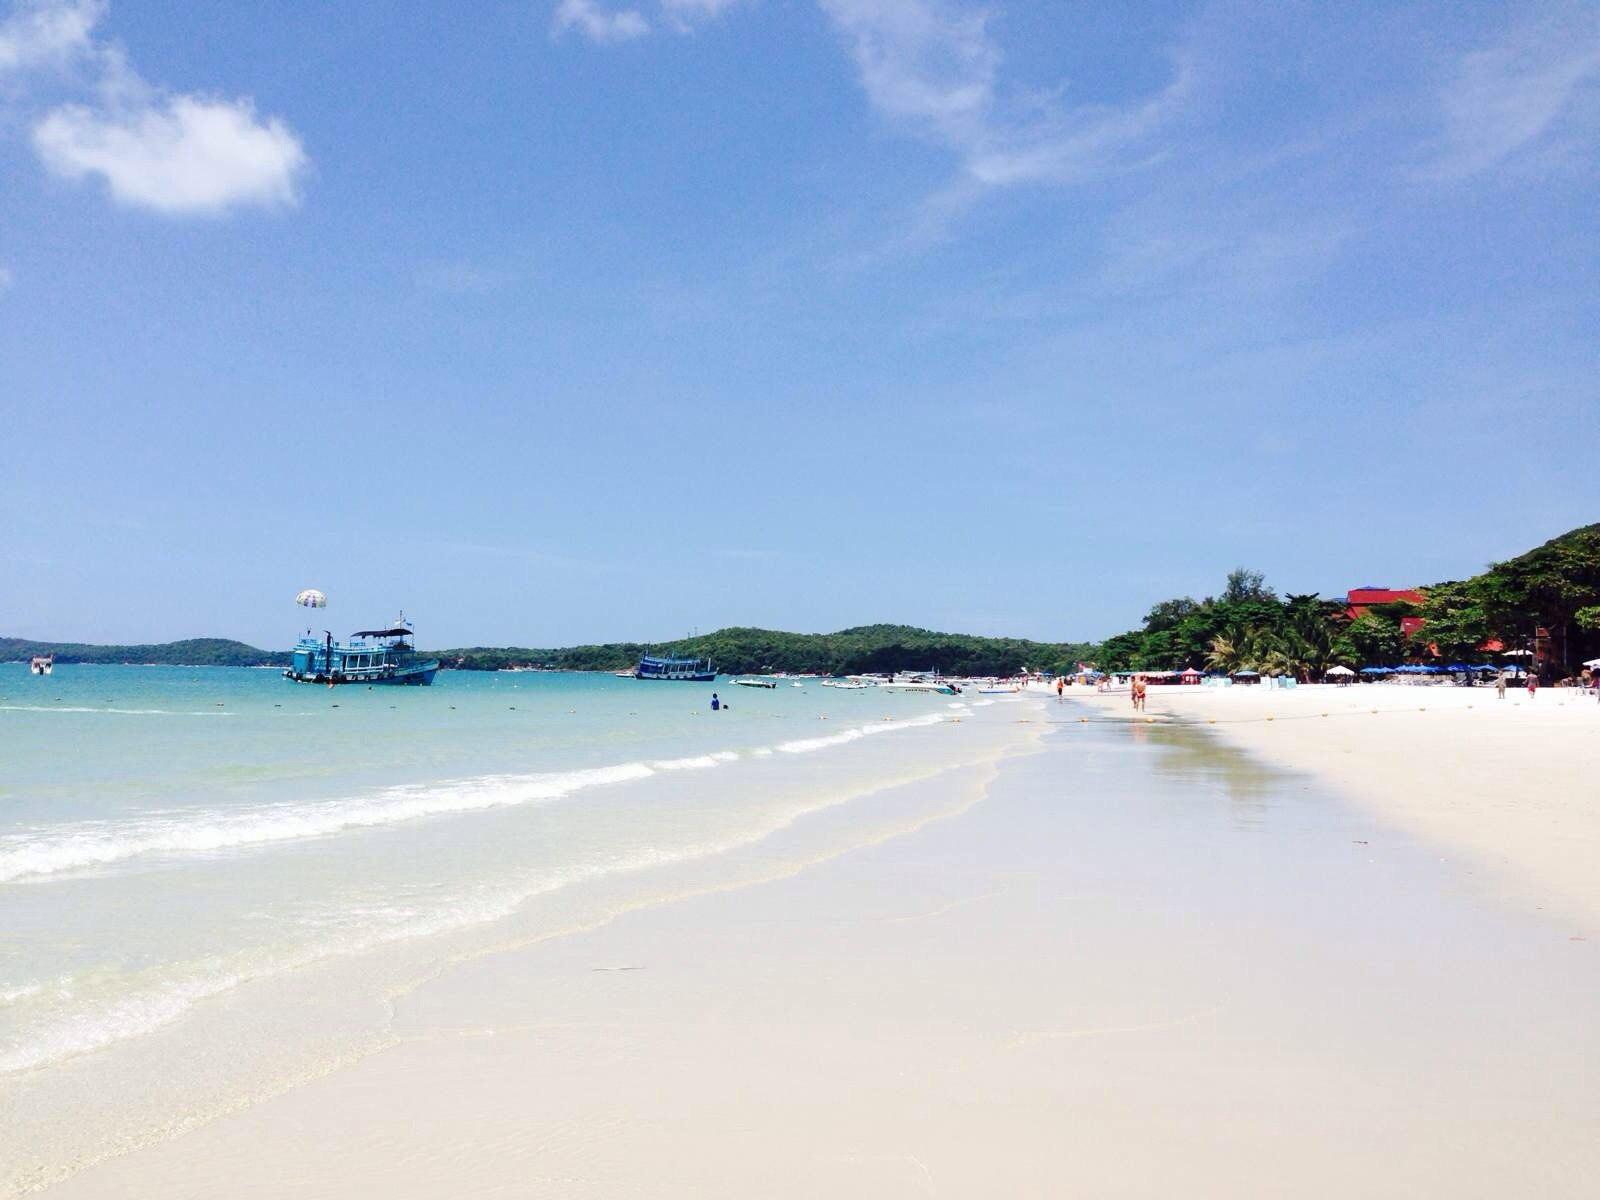 沙美岛,来过泰国的朋友应该不陌生.